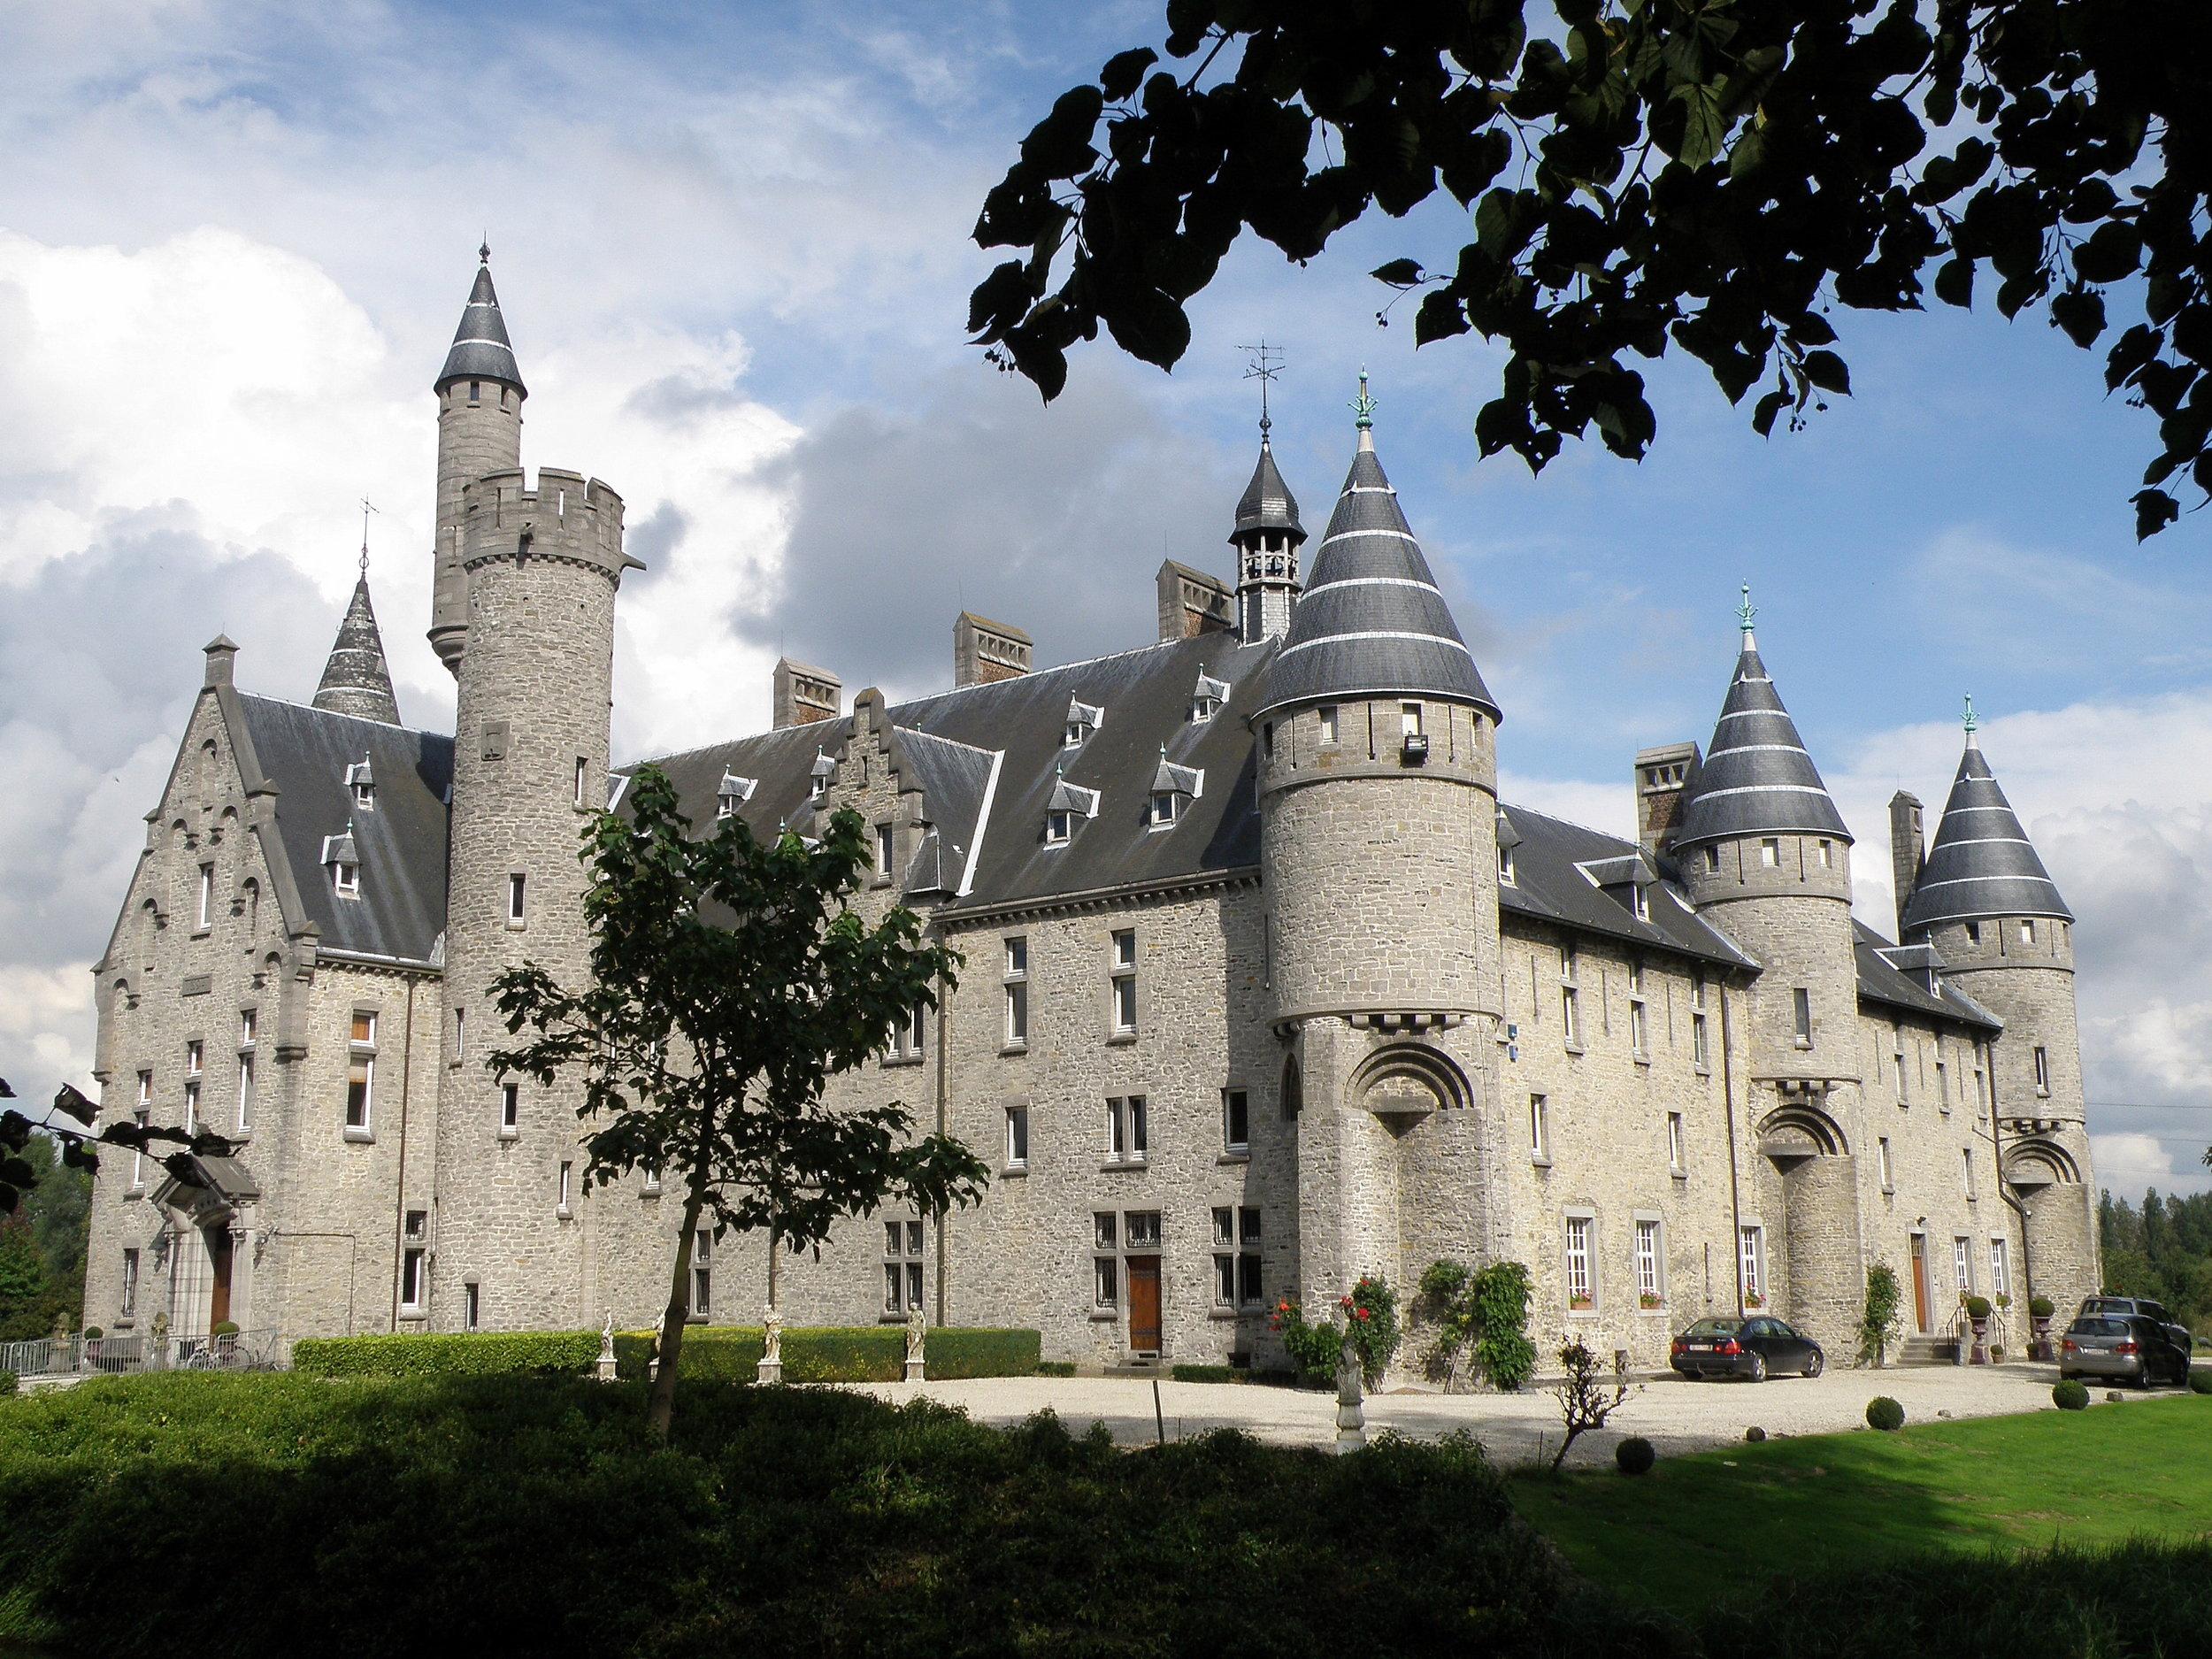 kasteel.jpg